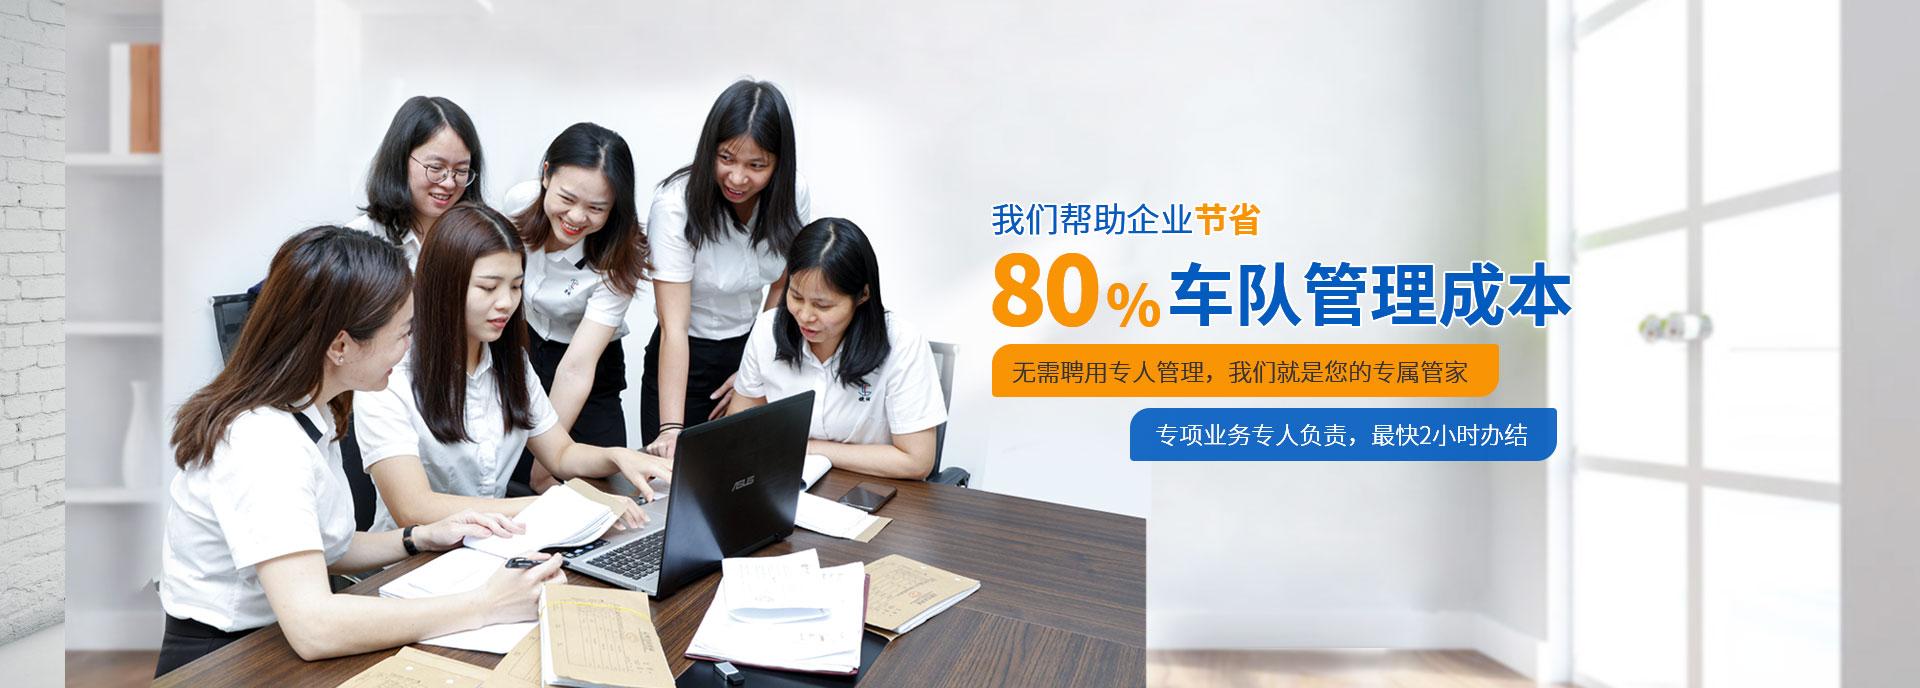 捷诚-我们帮助企业节省80%车队管理成本